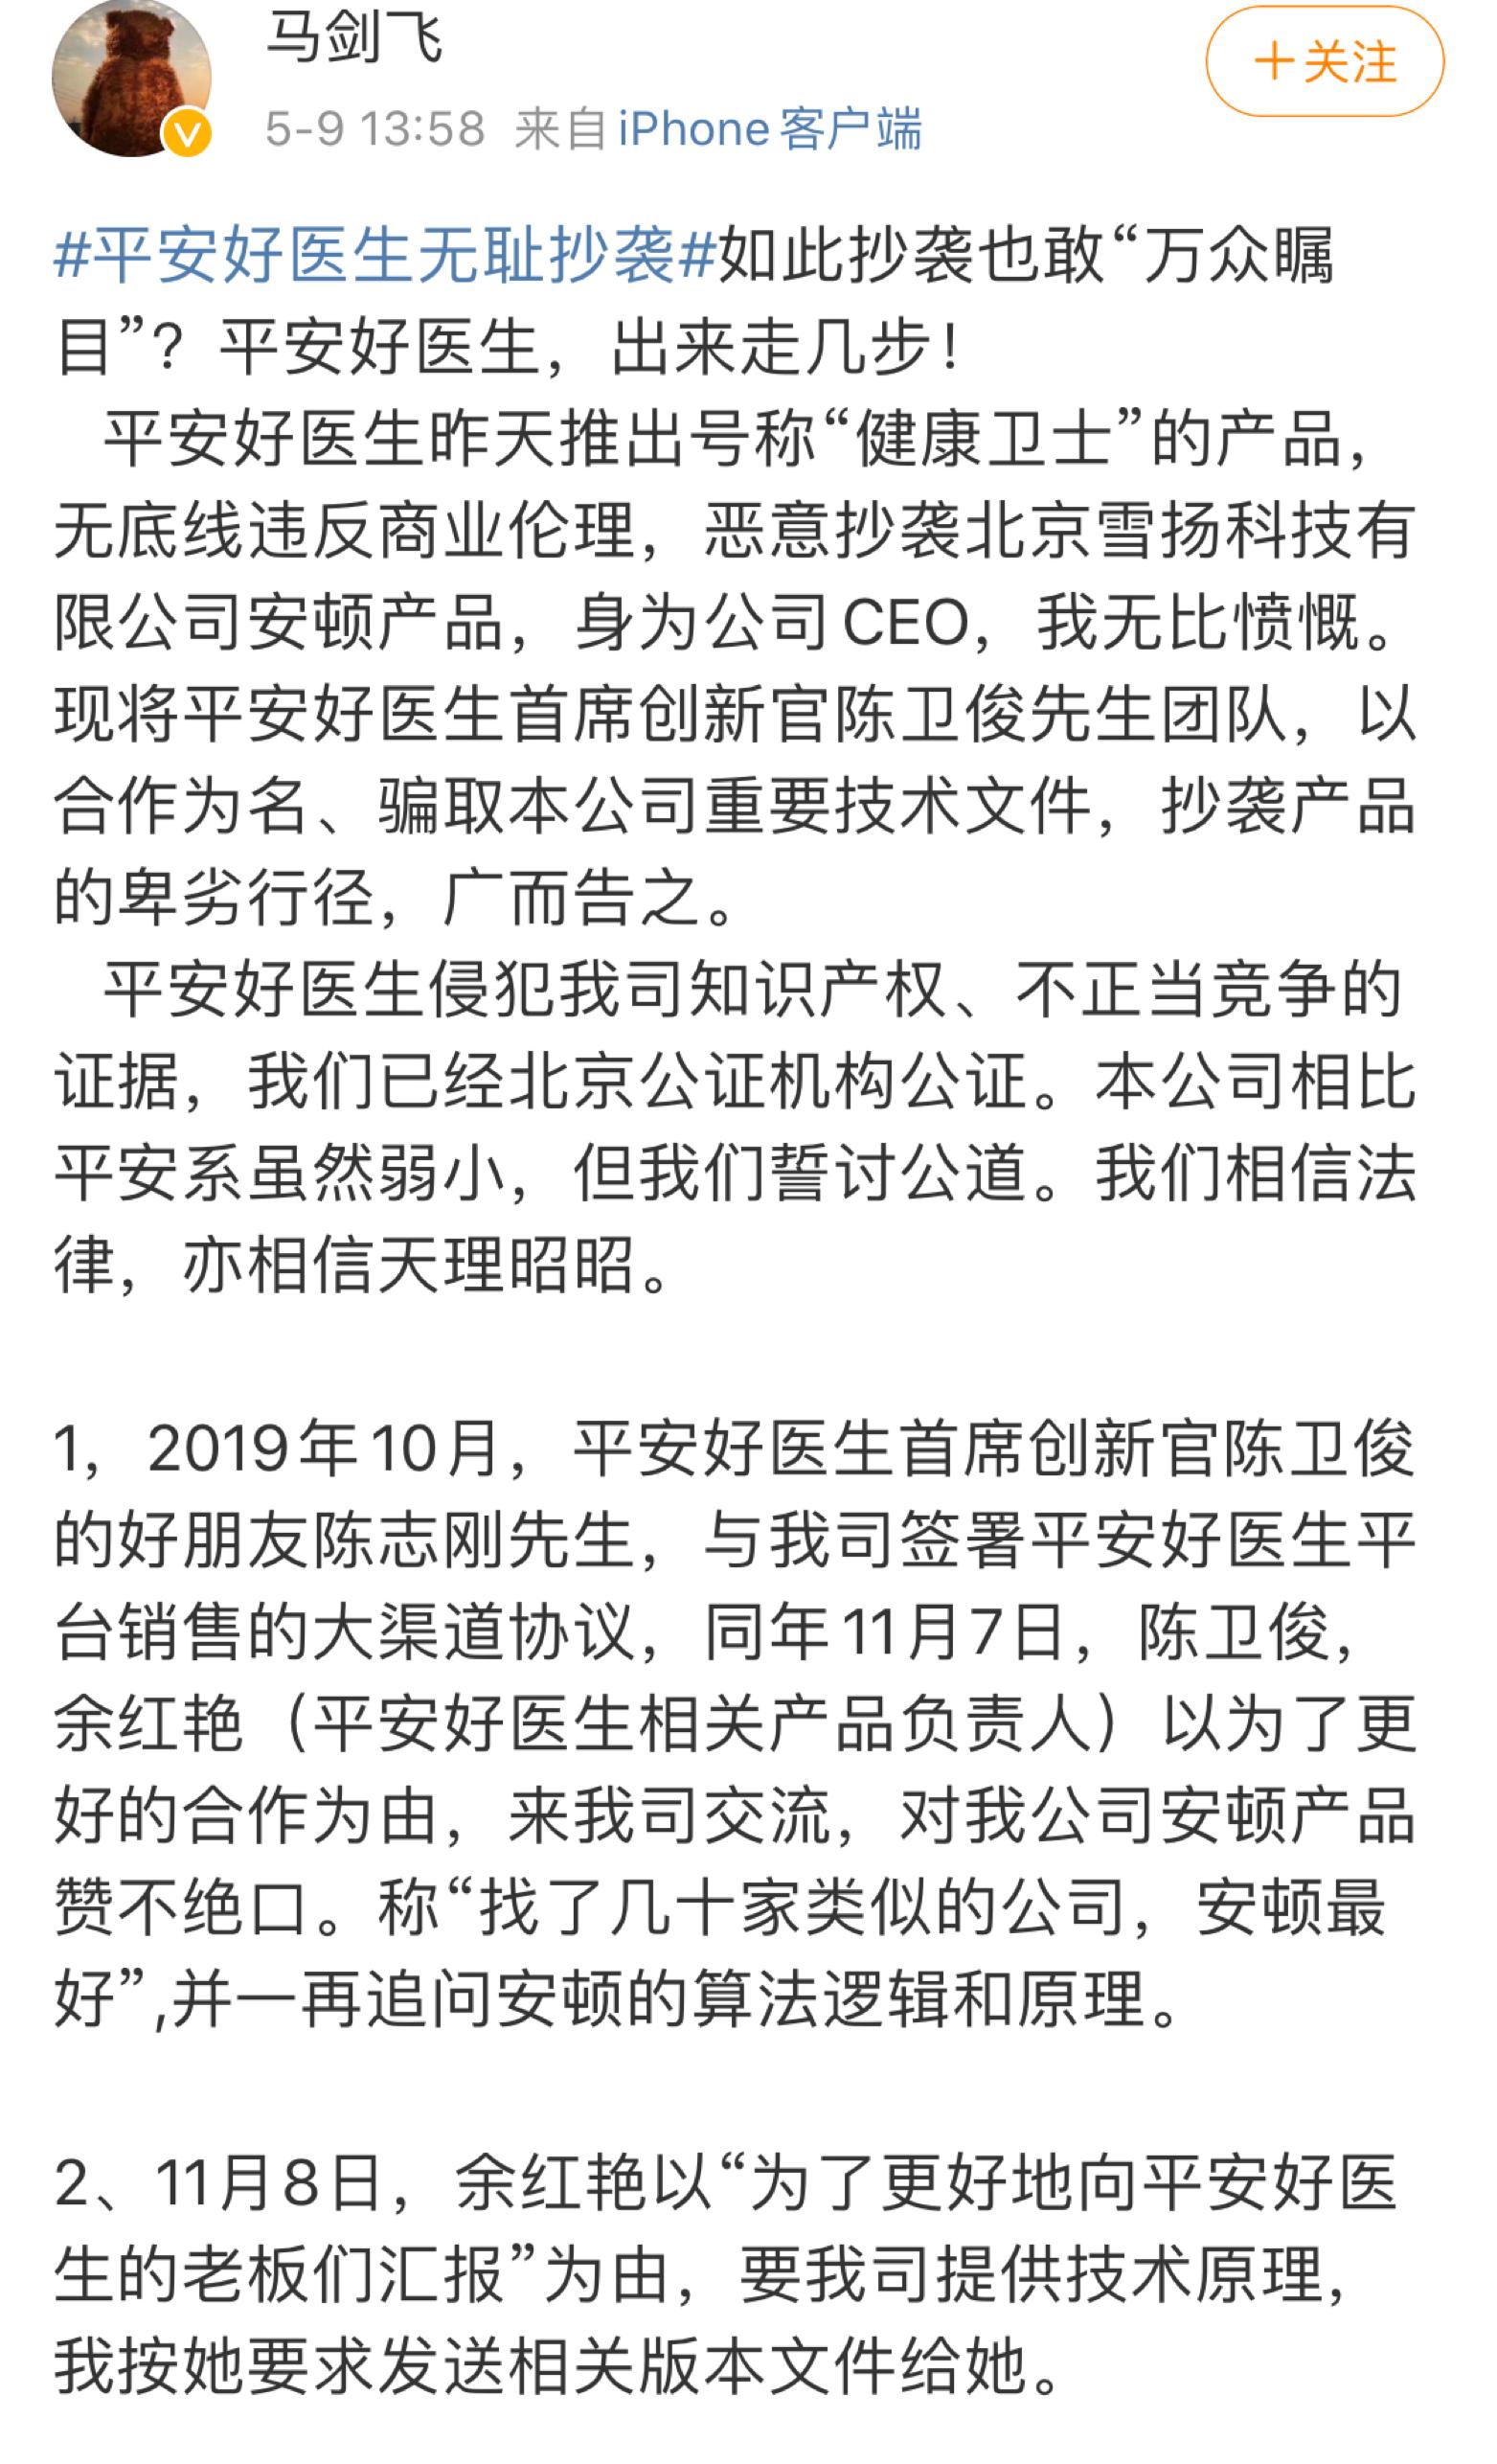 【低市盈率股票】被雪扬科技控诉抄袭 平安好医生坚称言论不实